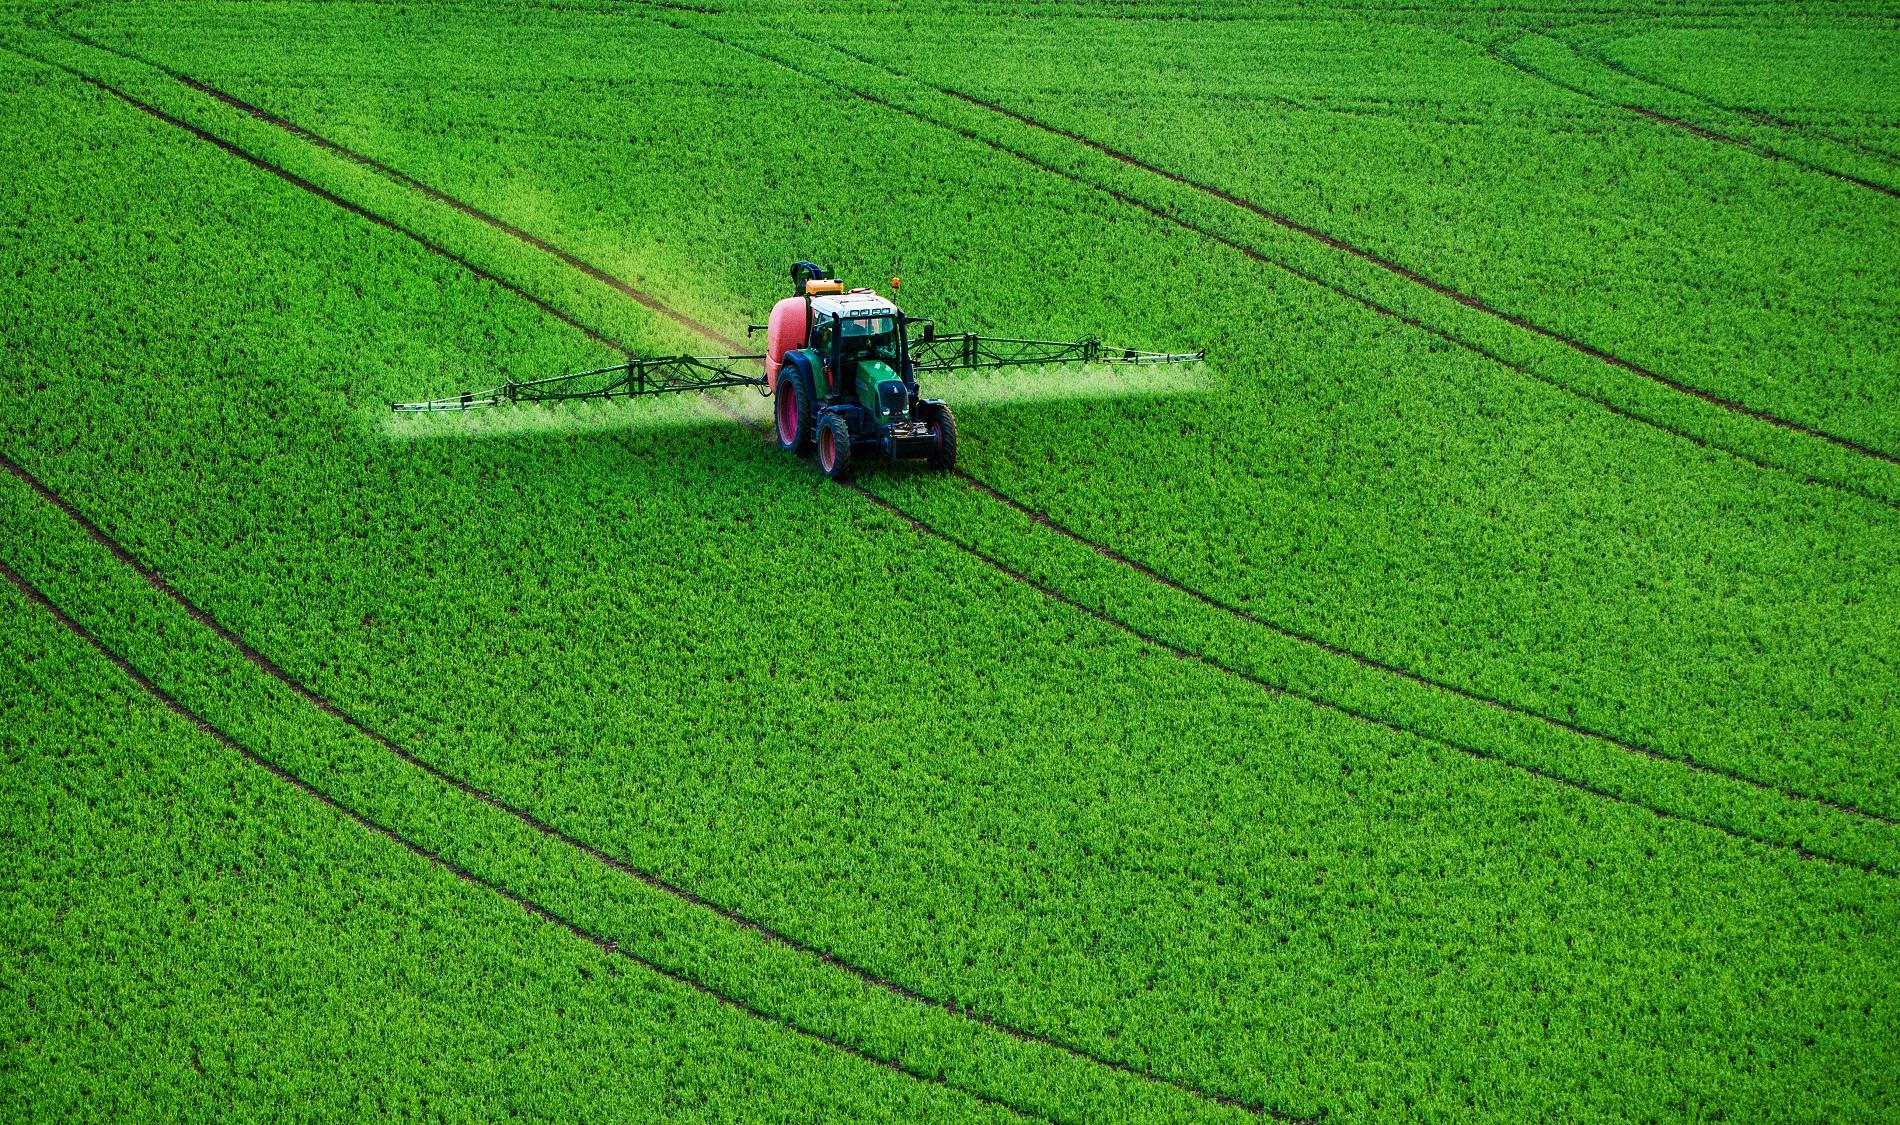 ¿Qué puedes hacer para combatir la aparición de plagas y enfermedades en tus cultivos?